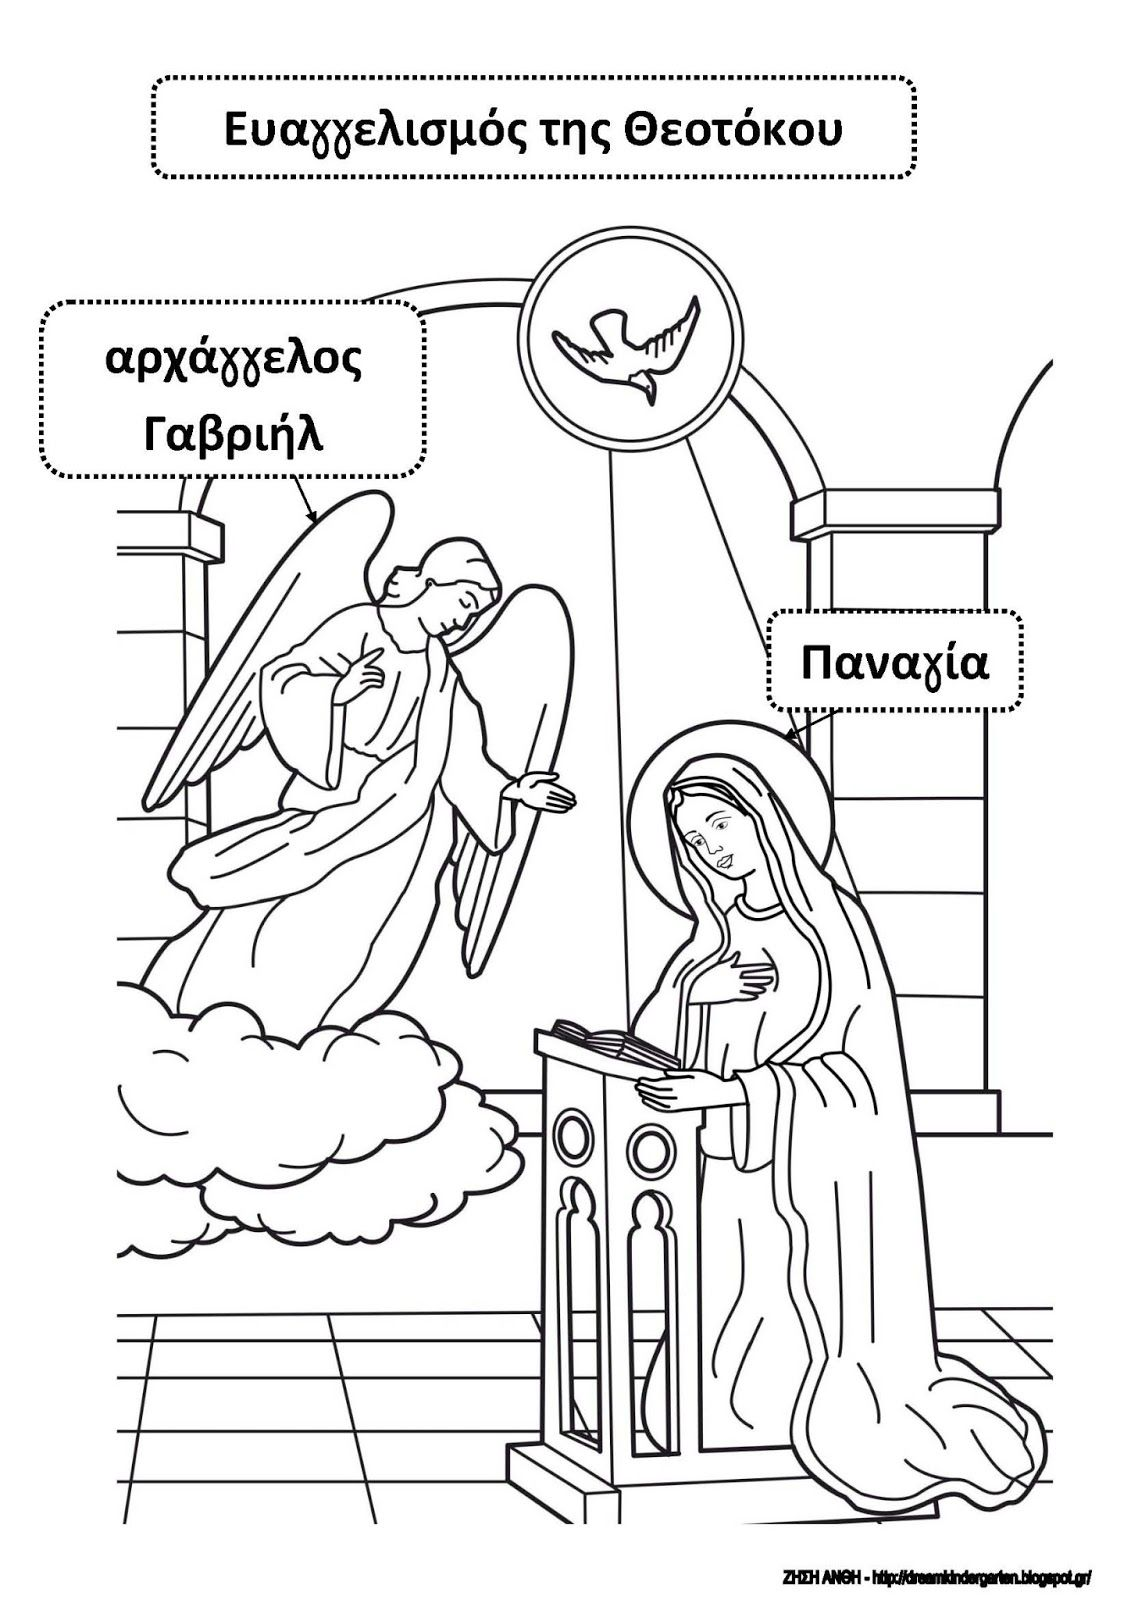 Το νέο νηπιαγωγείο που ονειρεύομαι : Ο Ευαγγελισμός της Θεοτόκου- Annunciation of the Theotokos